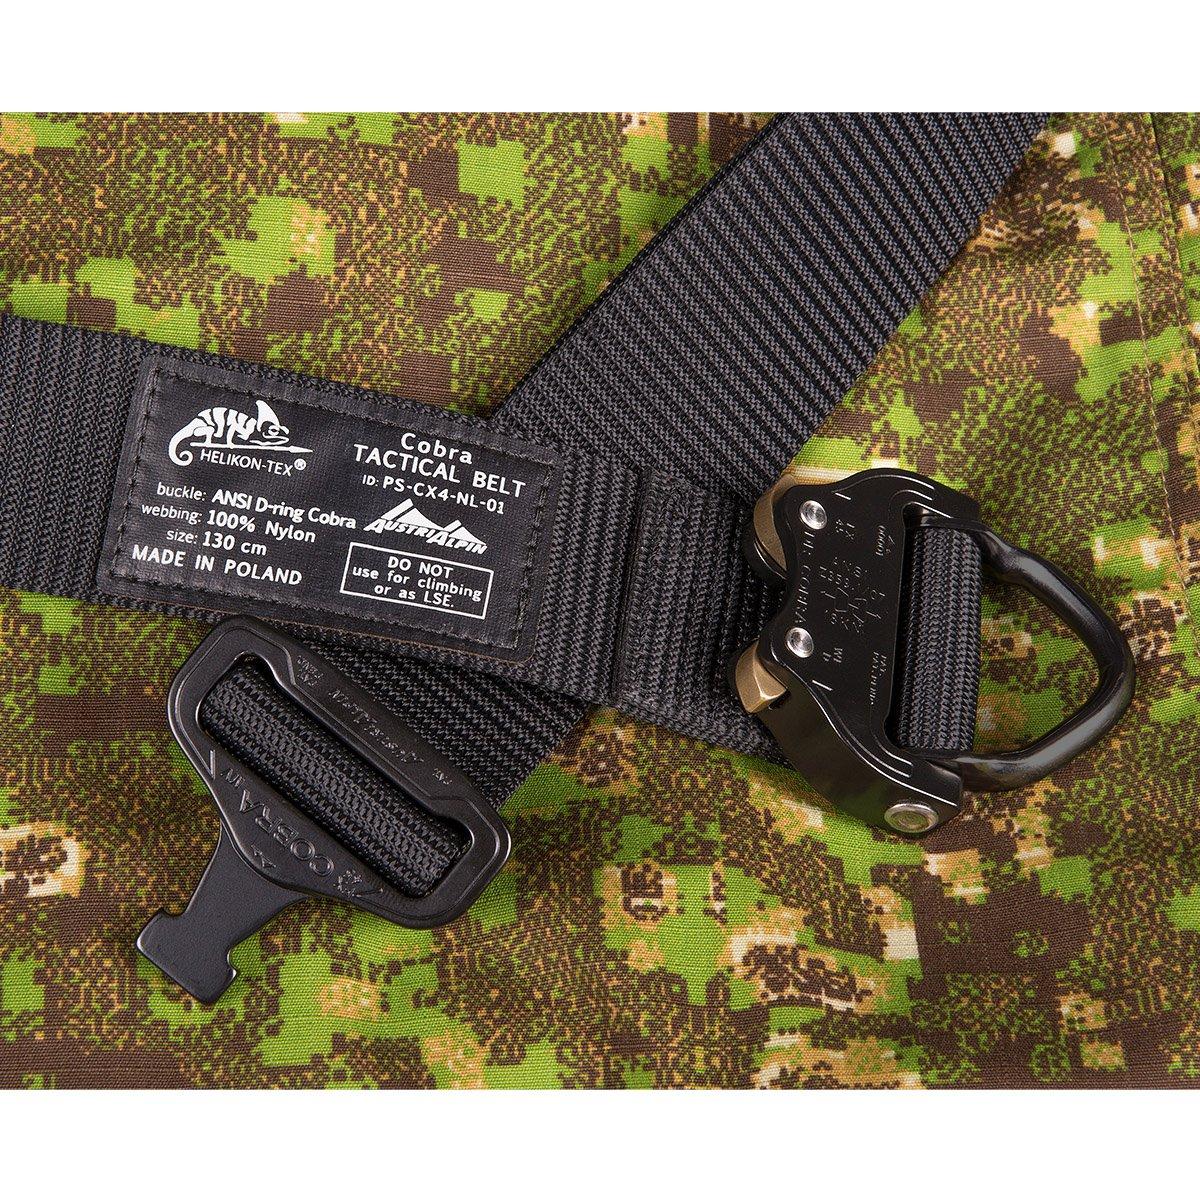 Cobra Tactical D-Ring Belt FX45 Black HELIKON-TEX Patrol Line Up to 44 Pants Size 55 Belt Length